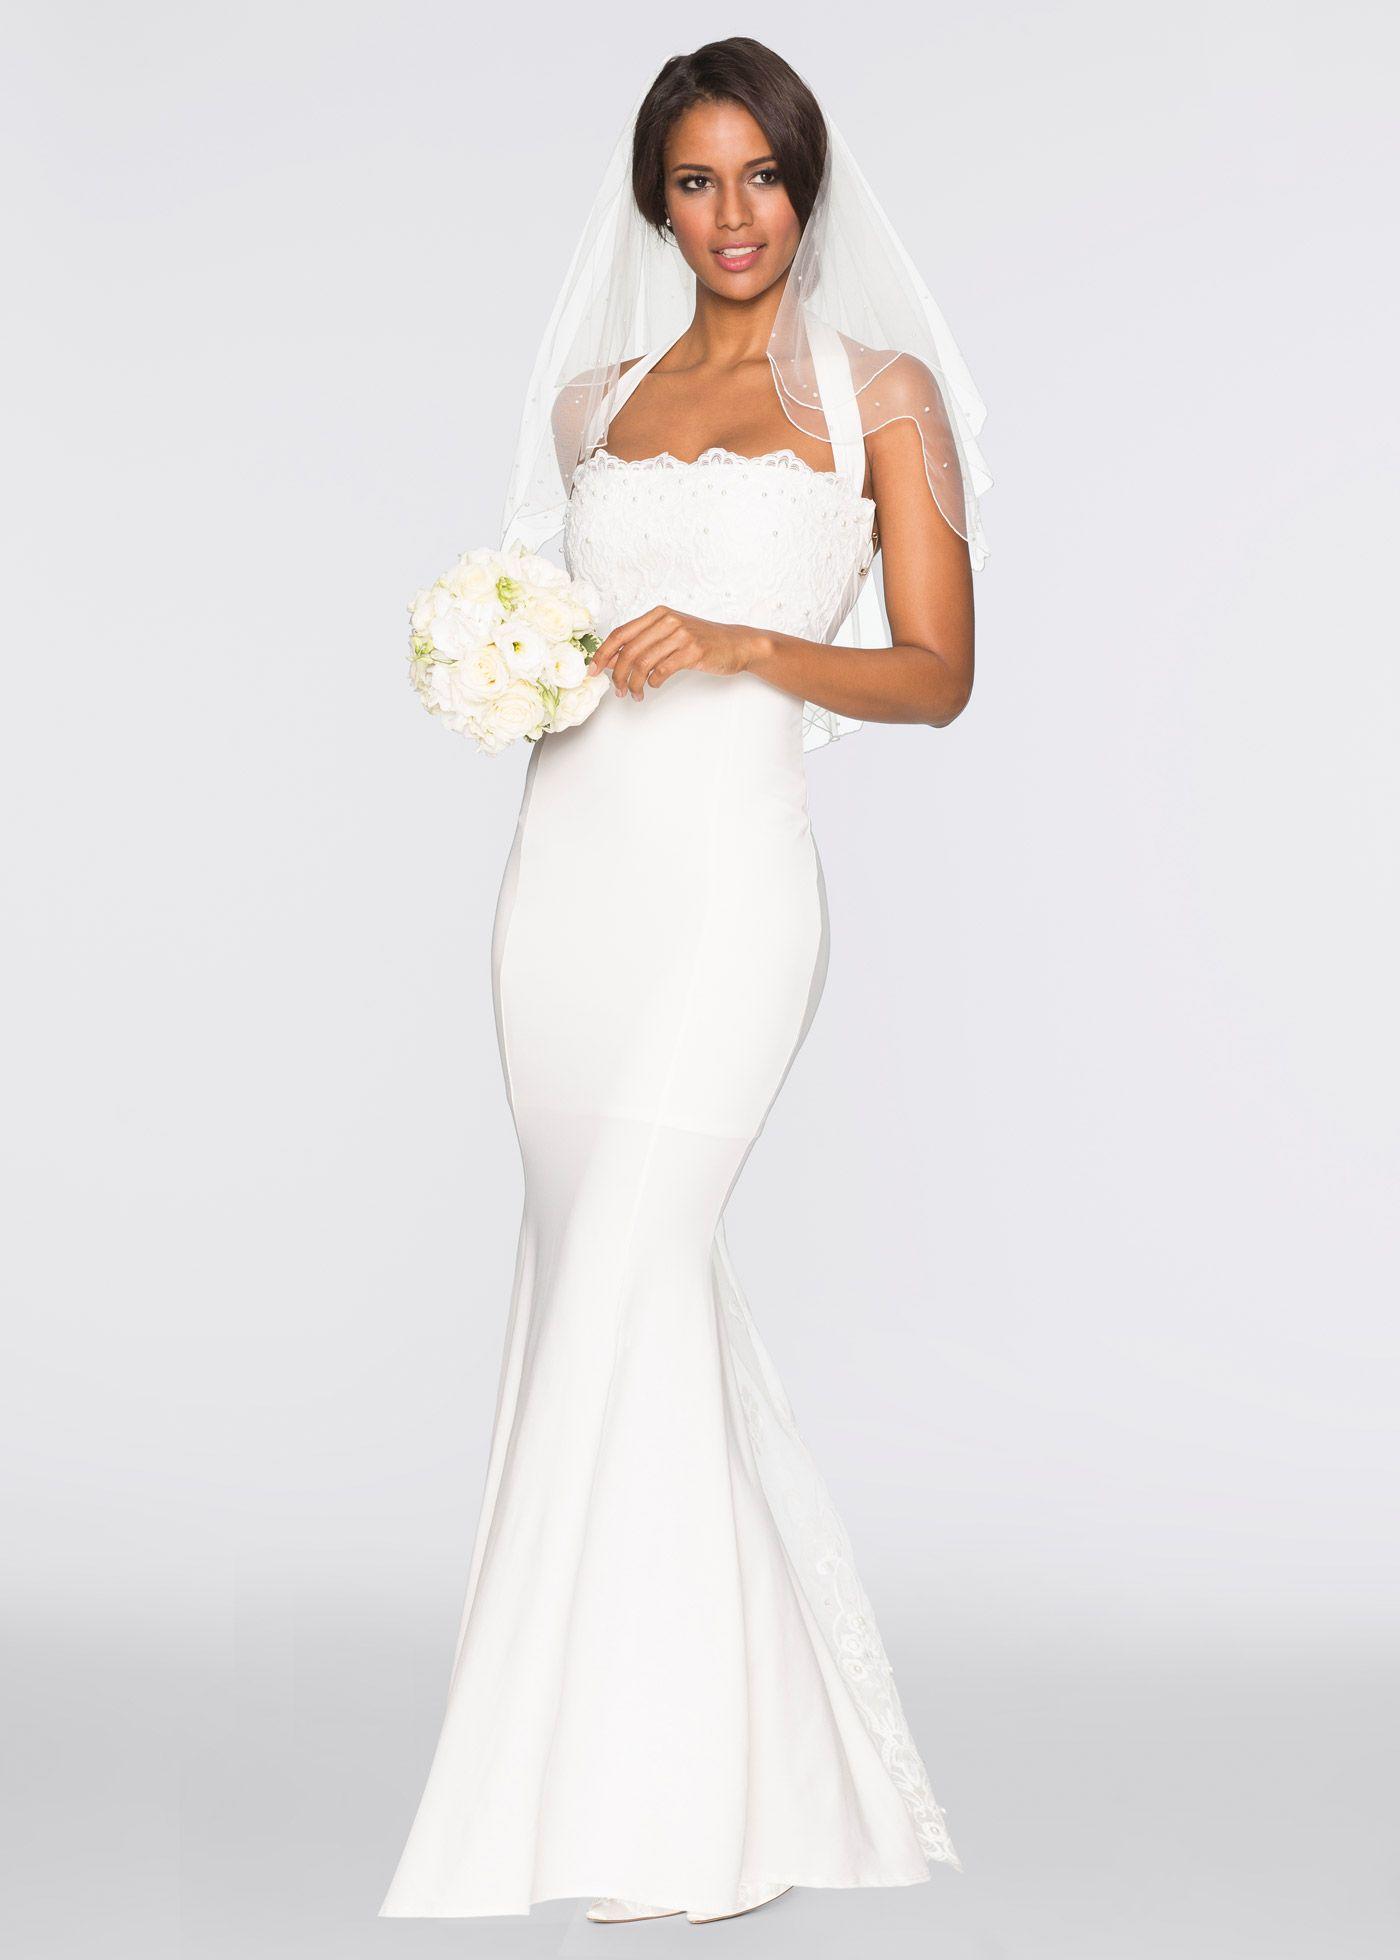 Hochzeitskleid weißn - BODYFLIRT boutique jetzt im Online Shop von ...